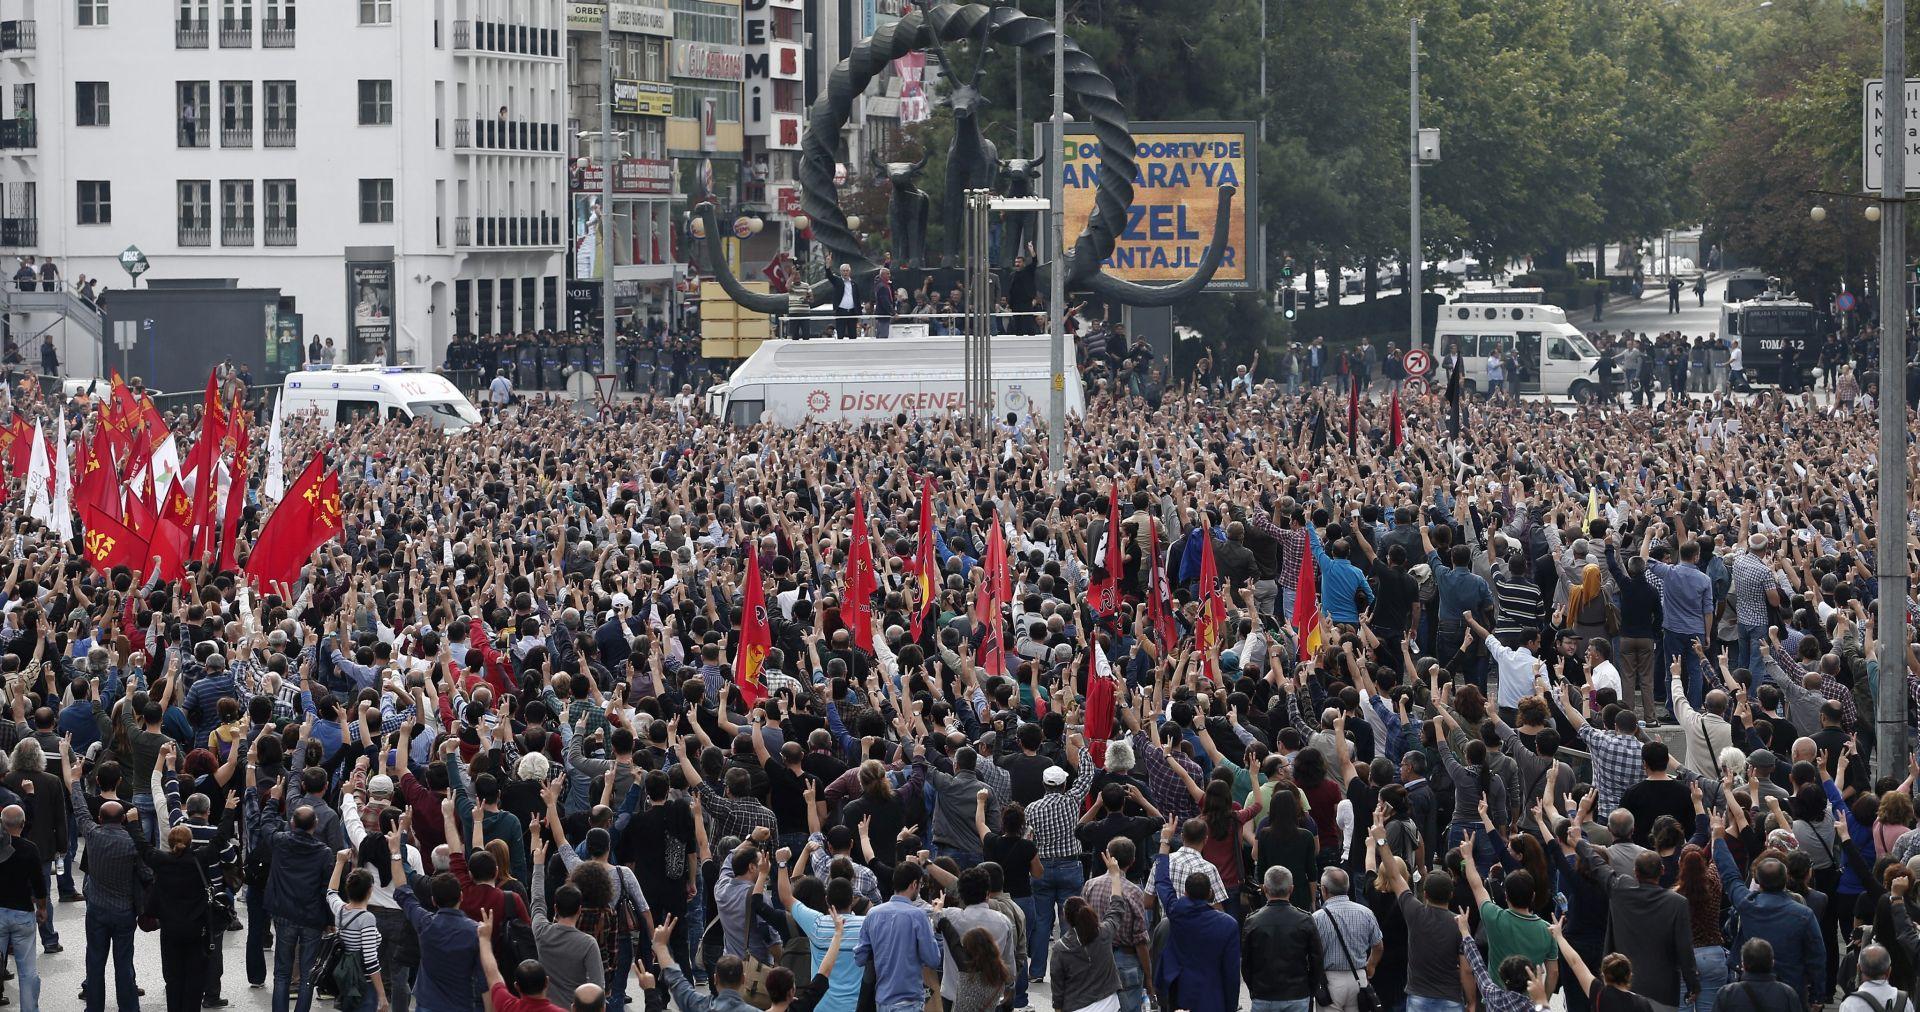 TISUĆE LJUDI NA PROSVJEDU U ANKARI Prokurdska stranka: U subotu je poginulo 128 ljudi